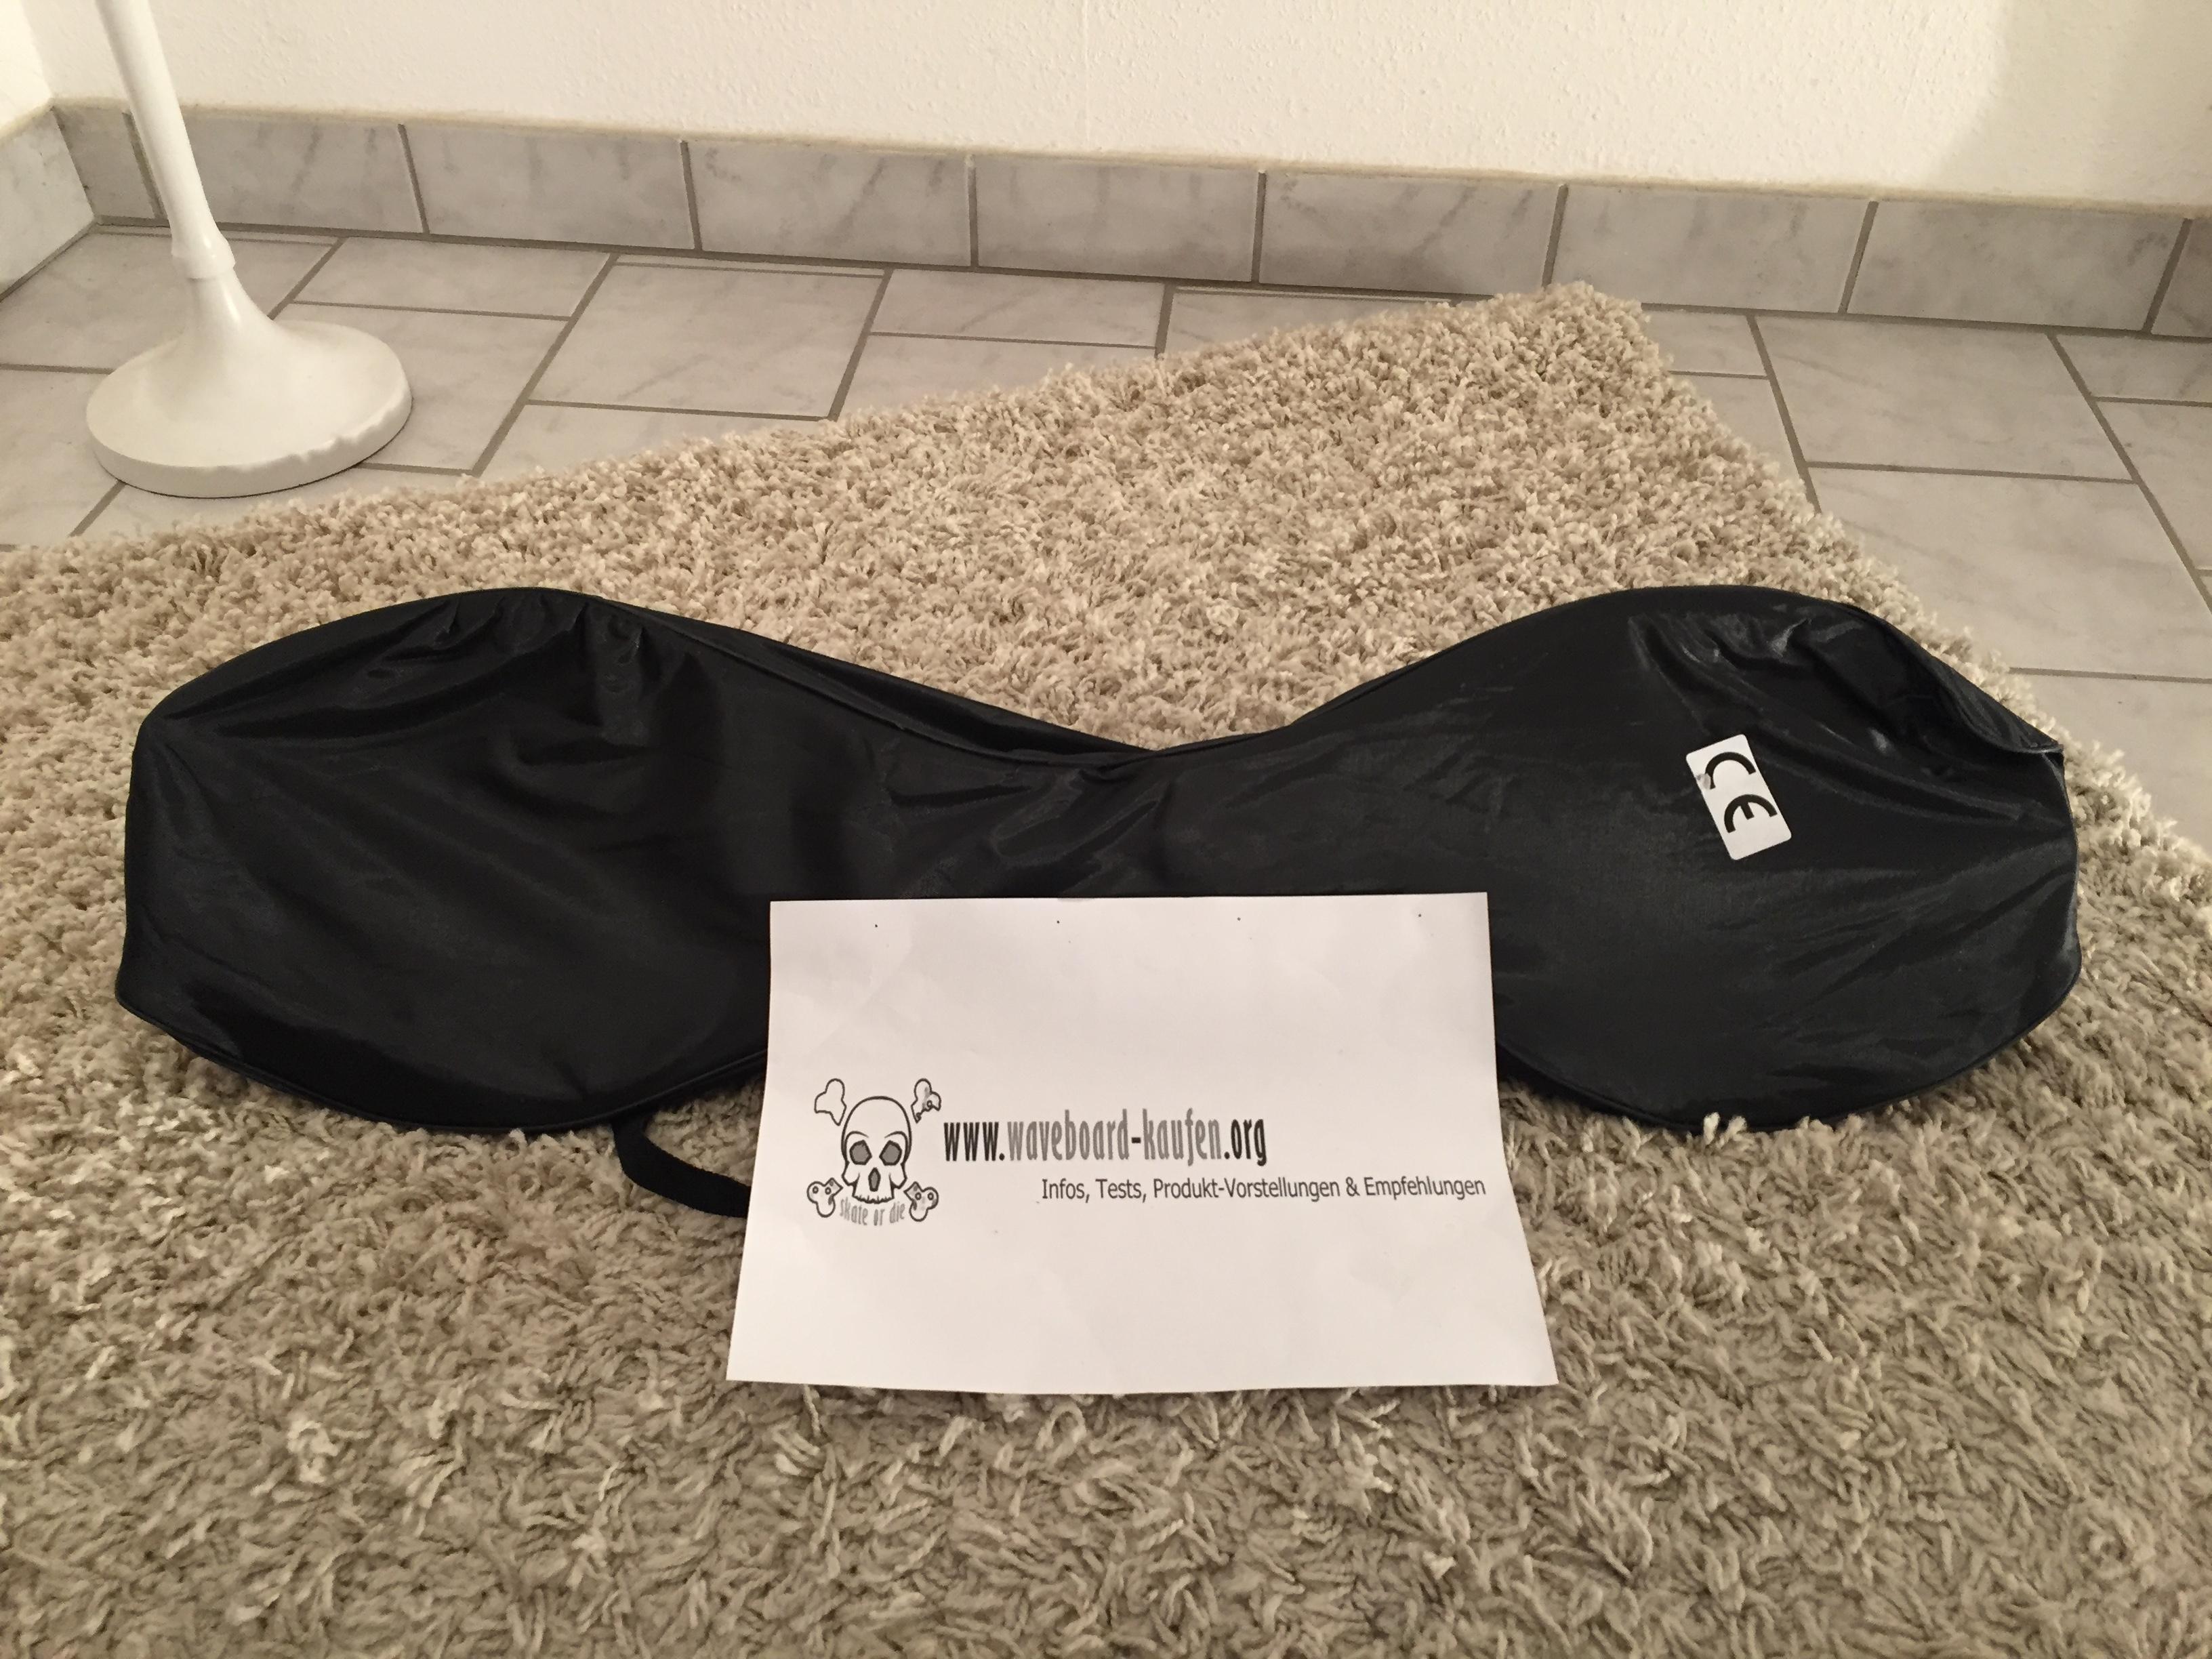 Das MAXOfit XL pro close eingepackt in der mitgelieferten Tragetasche (Deckseite zu sehen)